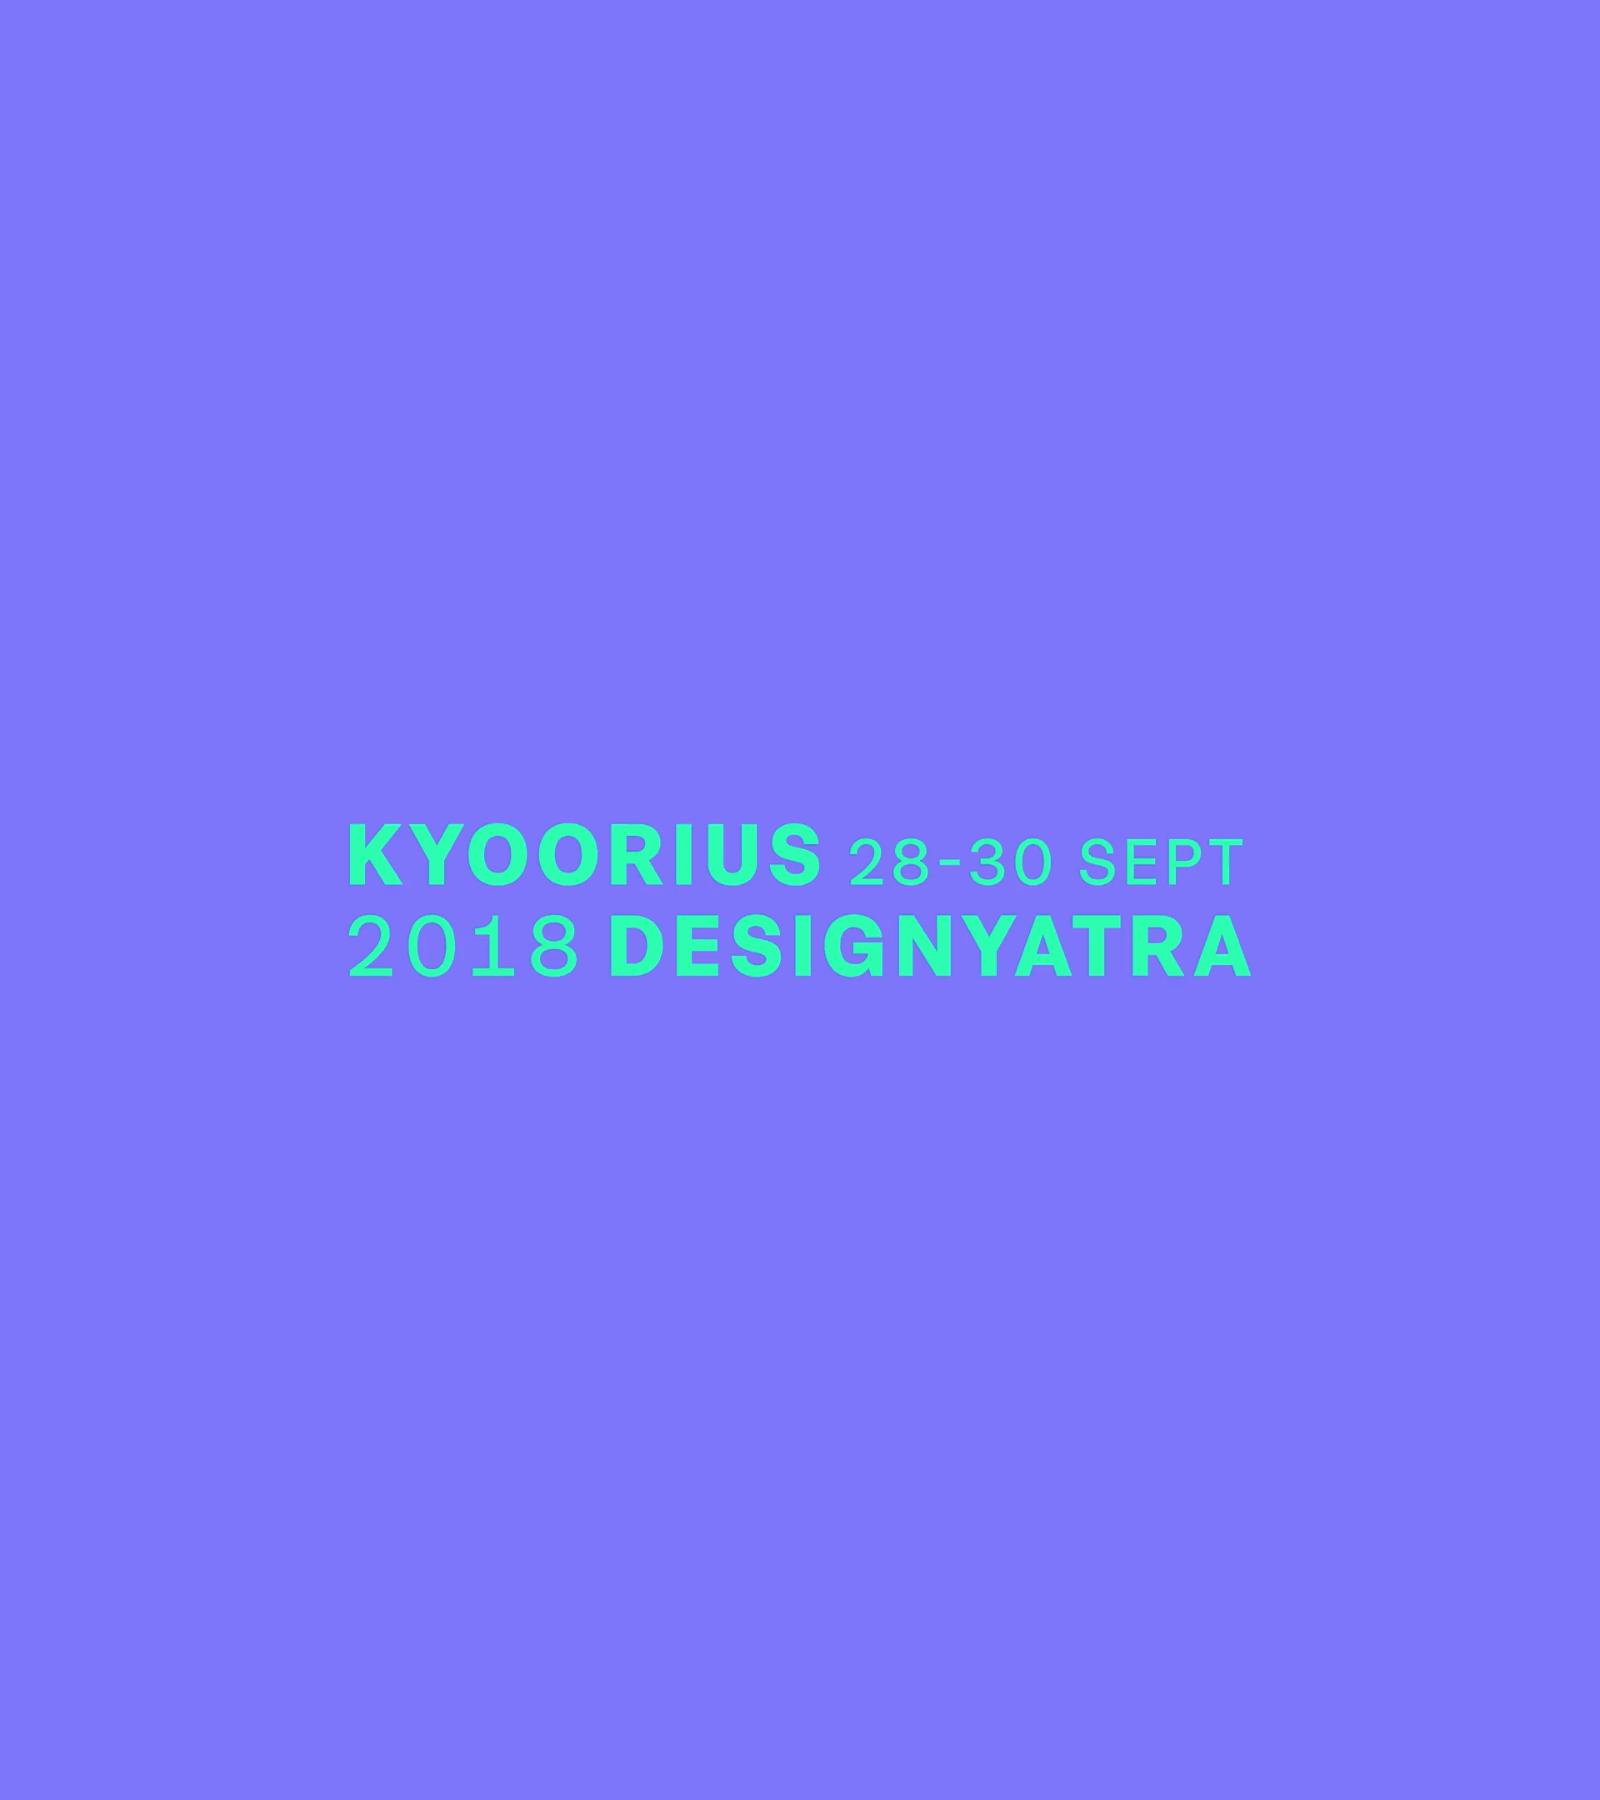 Kyoorius